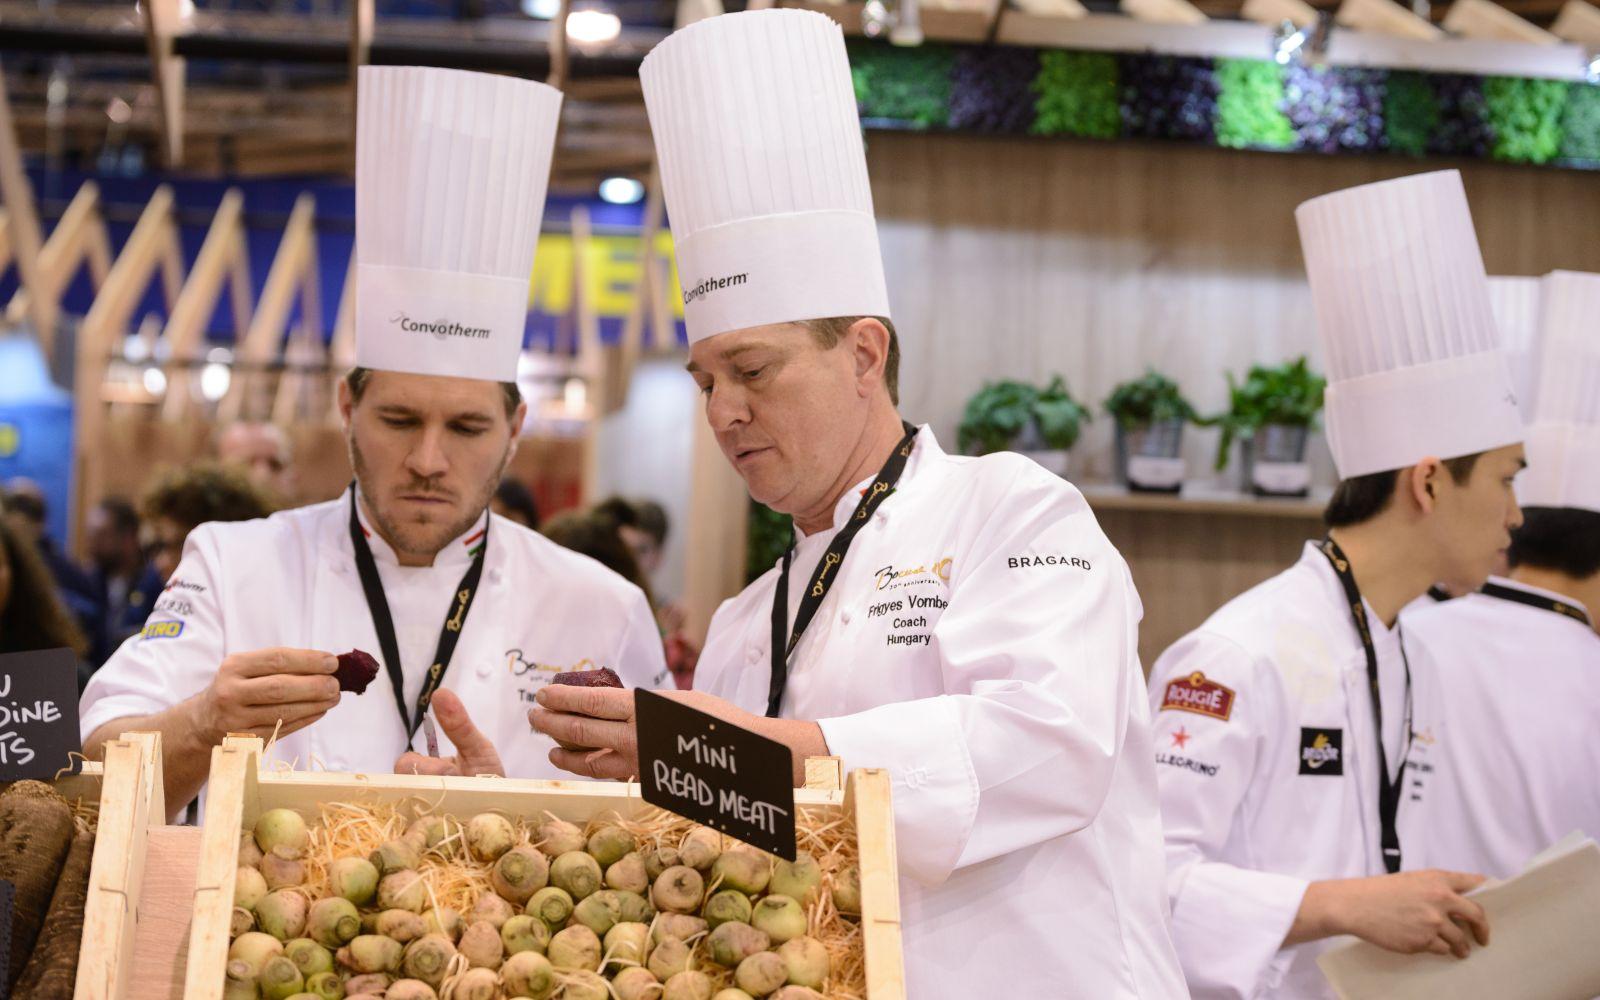 Отбор исходных продуктов строго определенного размера – важный момент работы участников конкурса. Источник http://www.femcafe.hu/